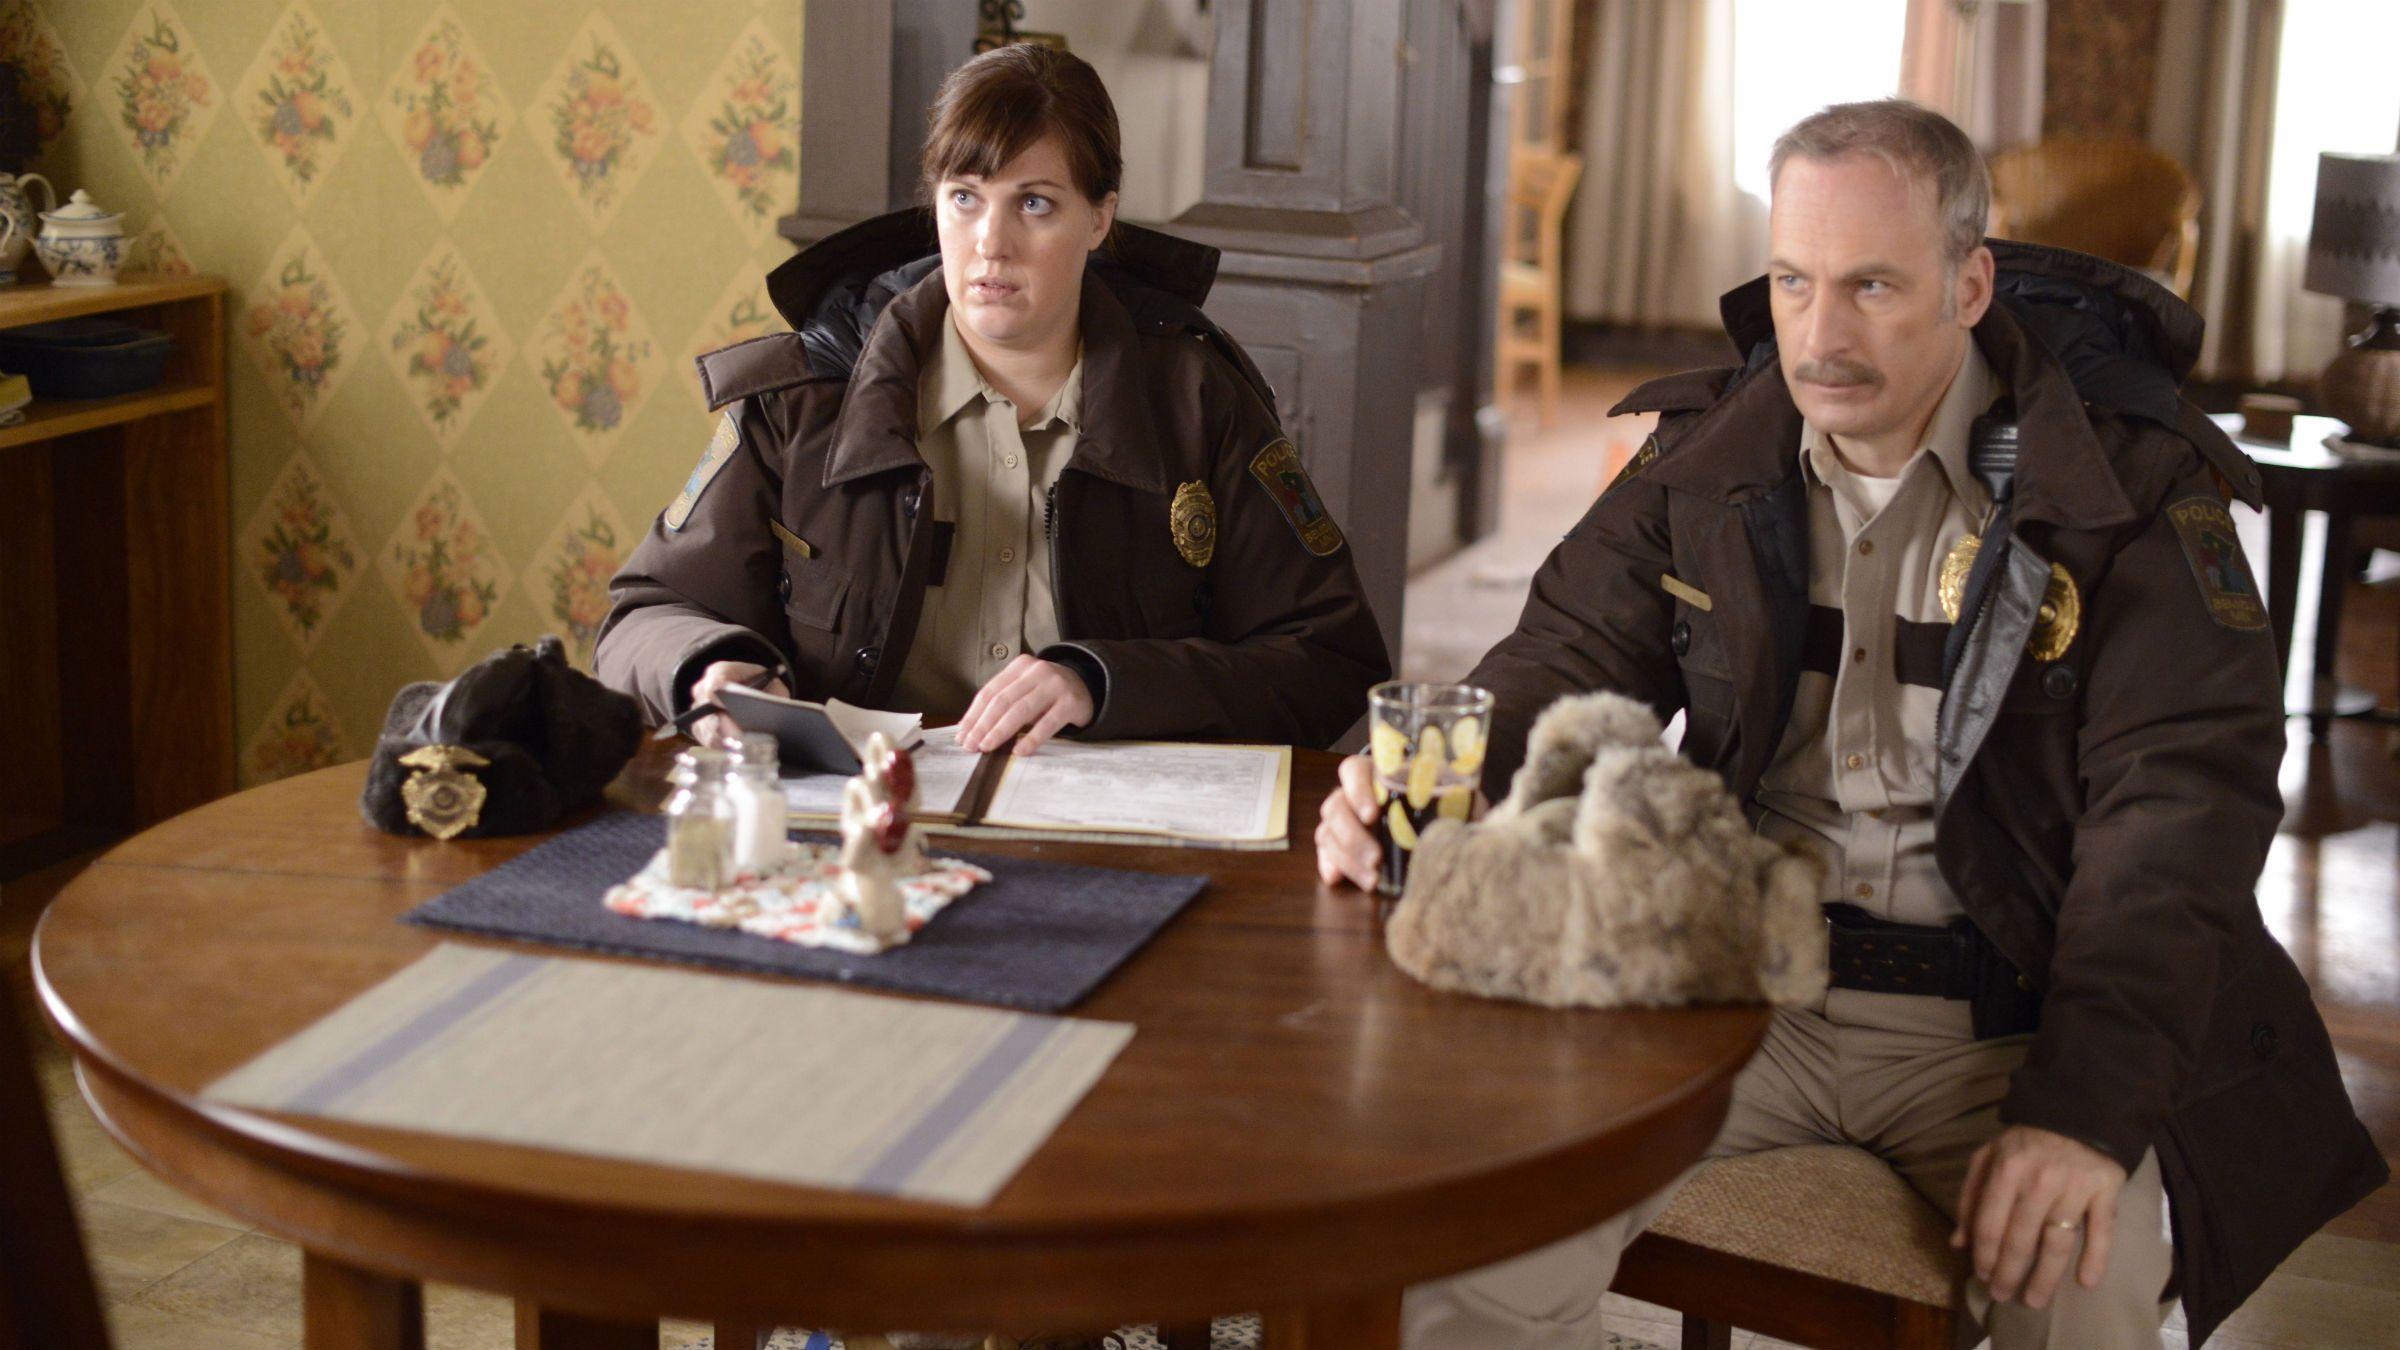 Scene from Fargo